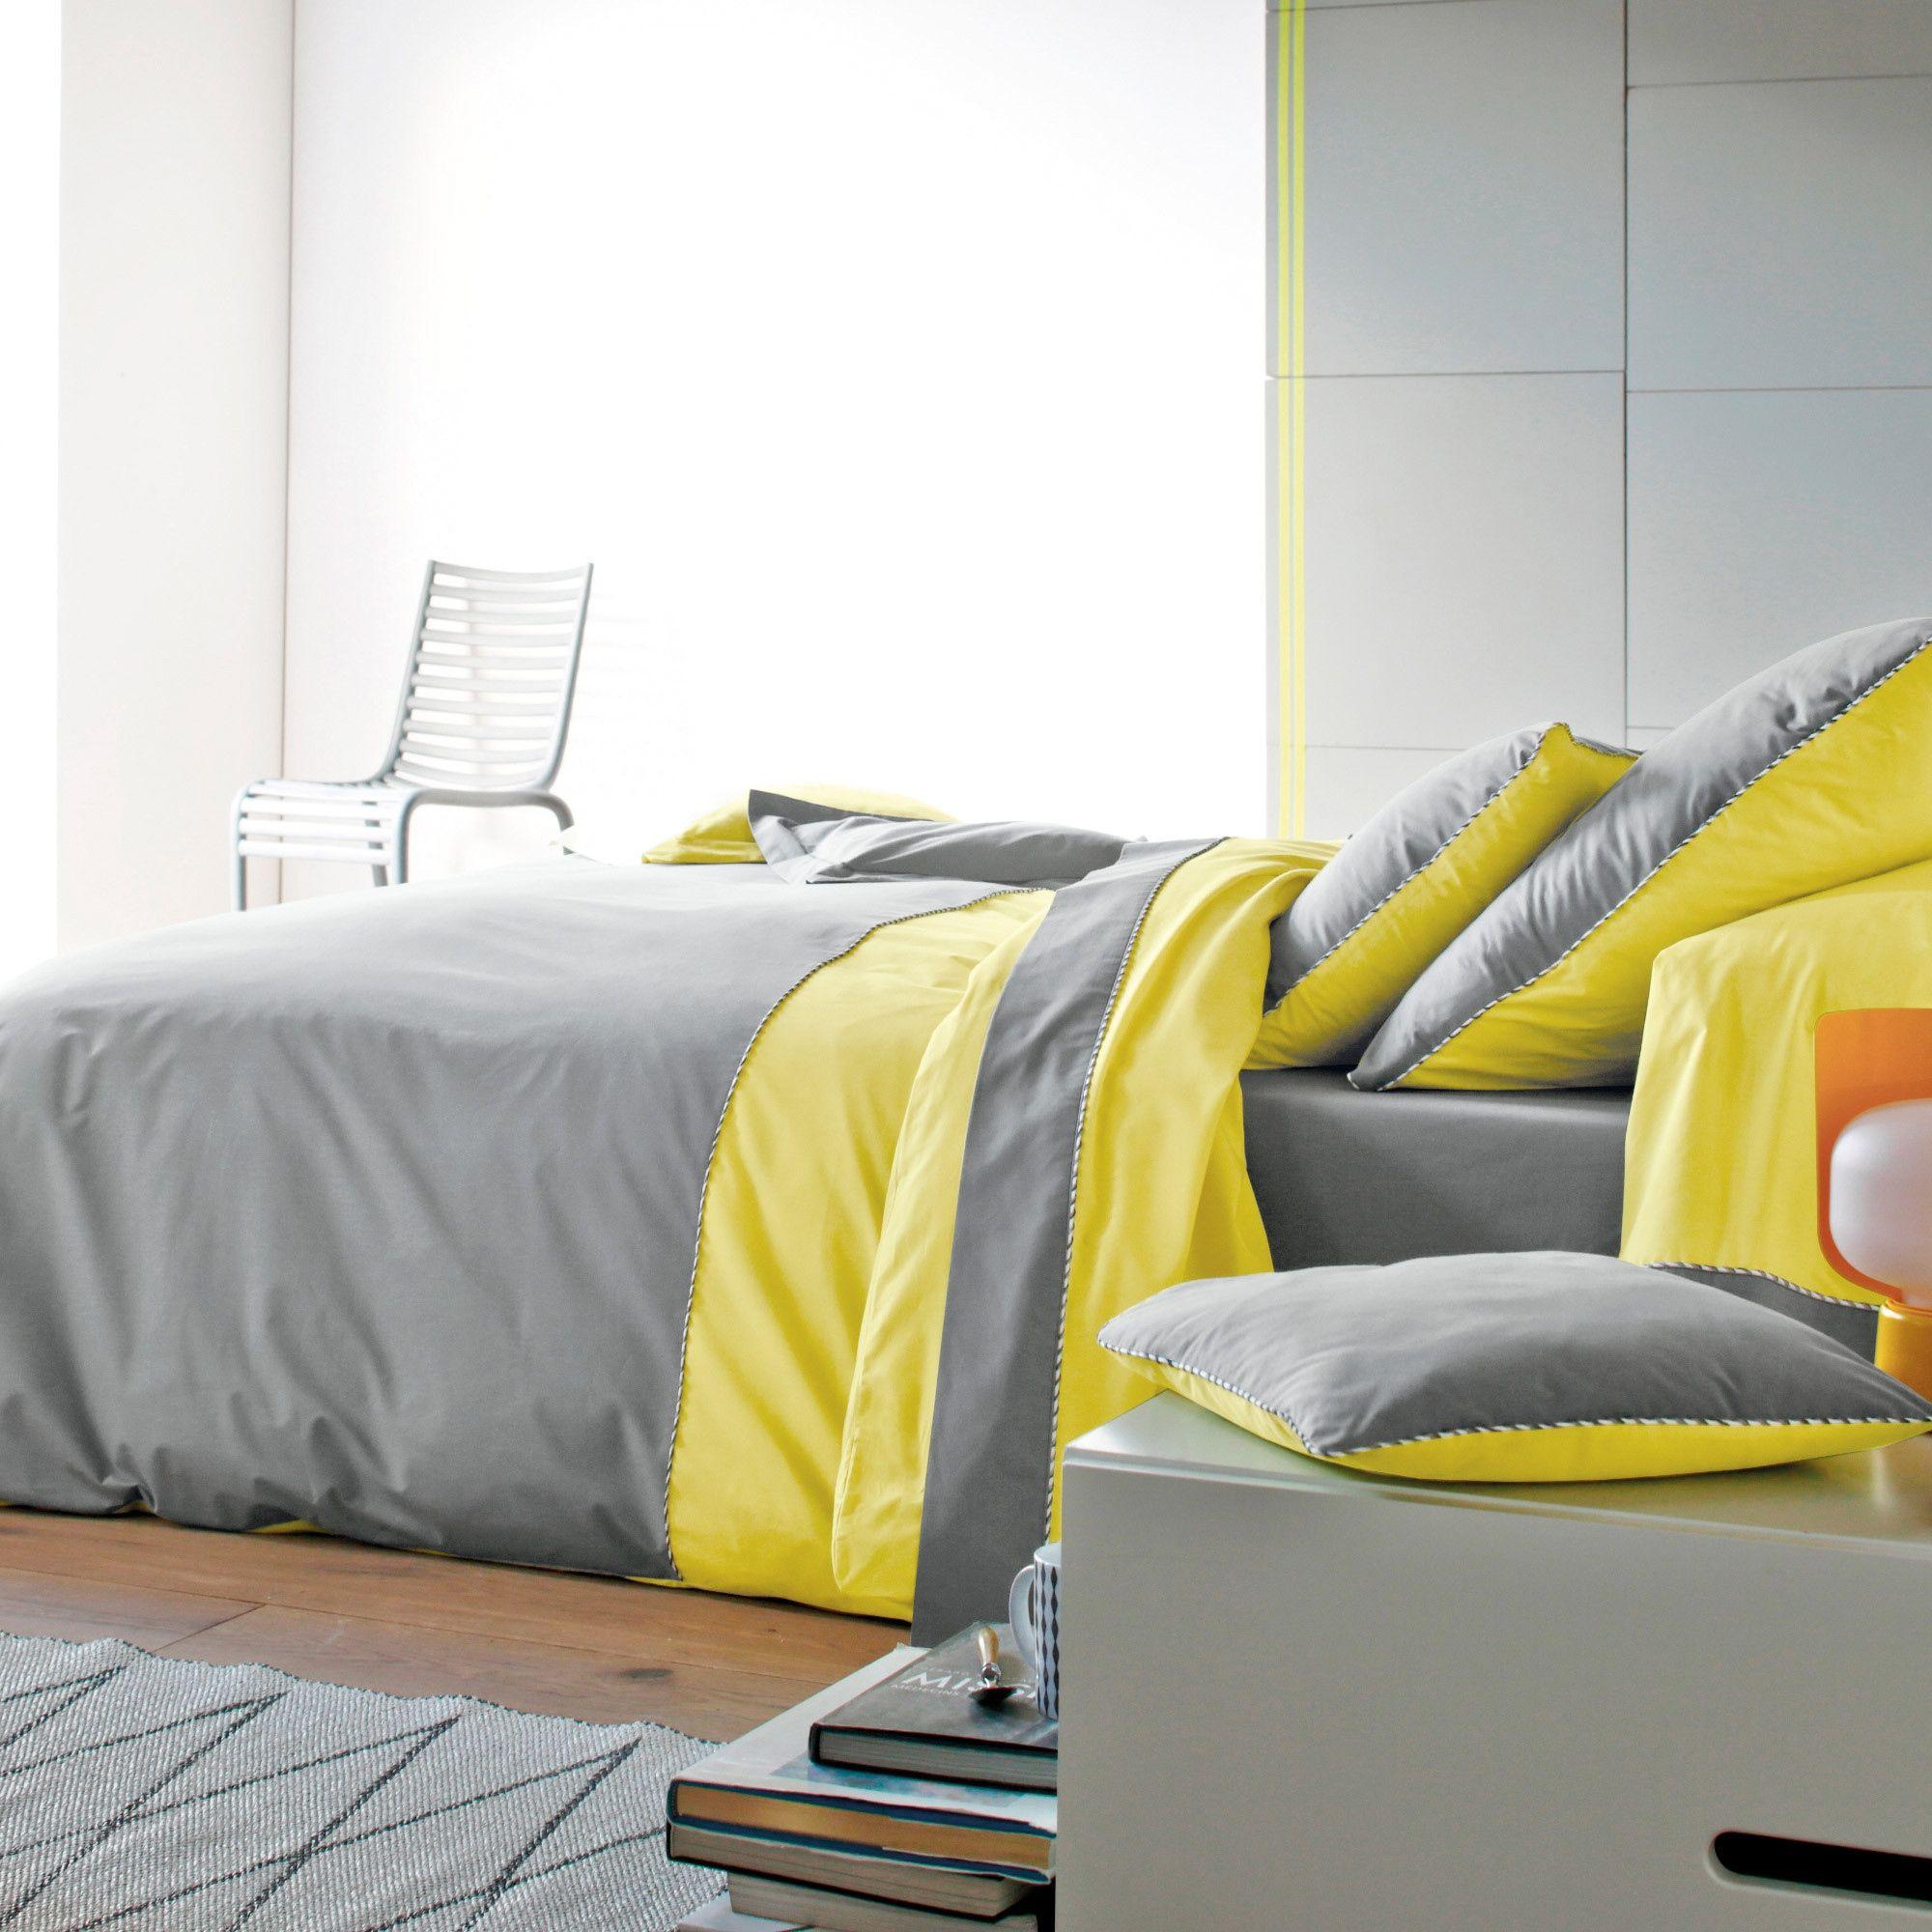 Deco Chambre Jaune Et Gris 99 deco chambre jaune et gris | deco pour chambre en 2019